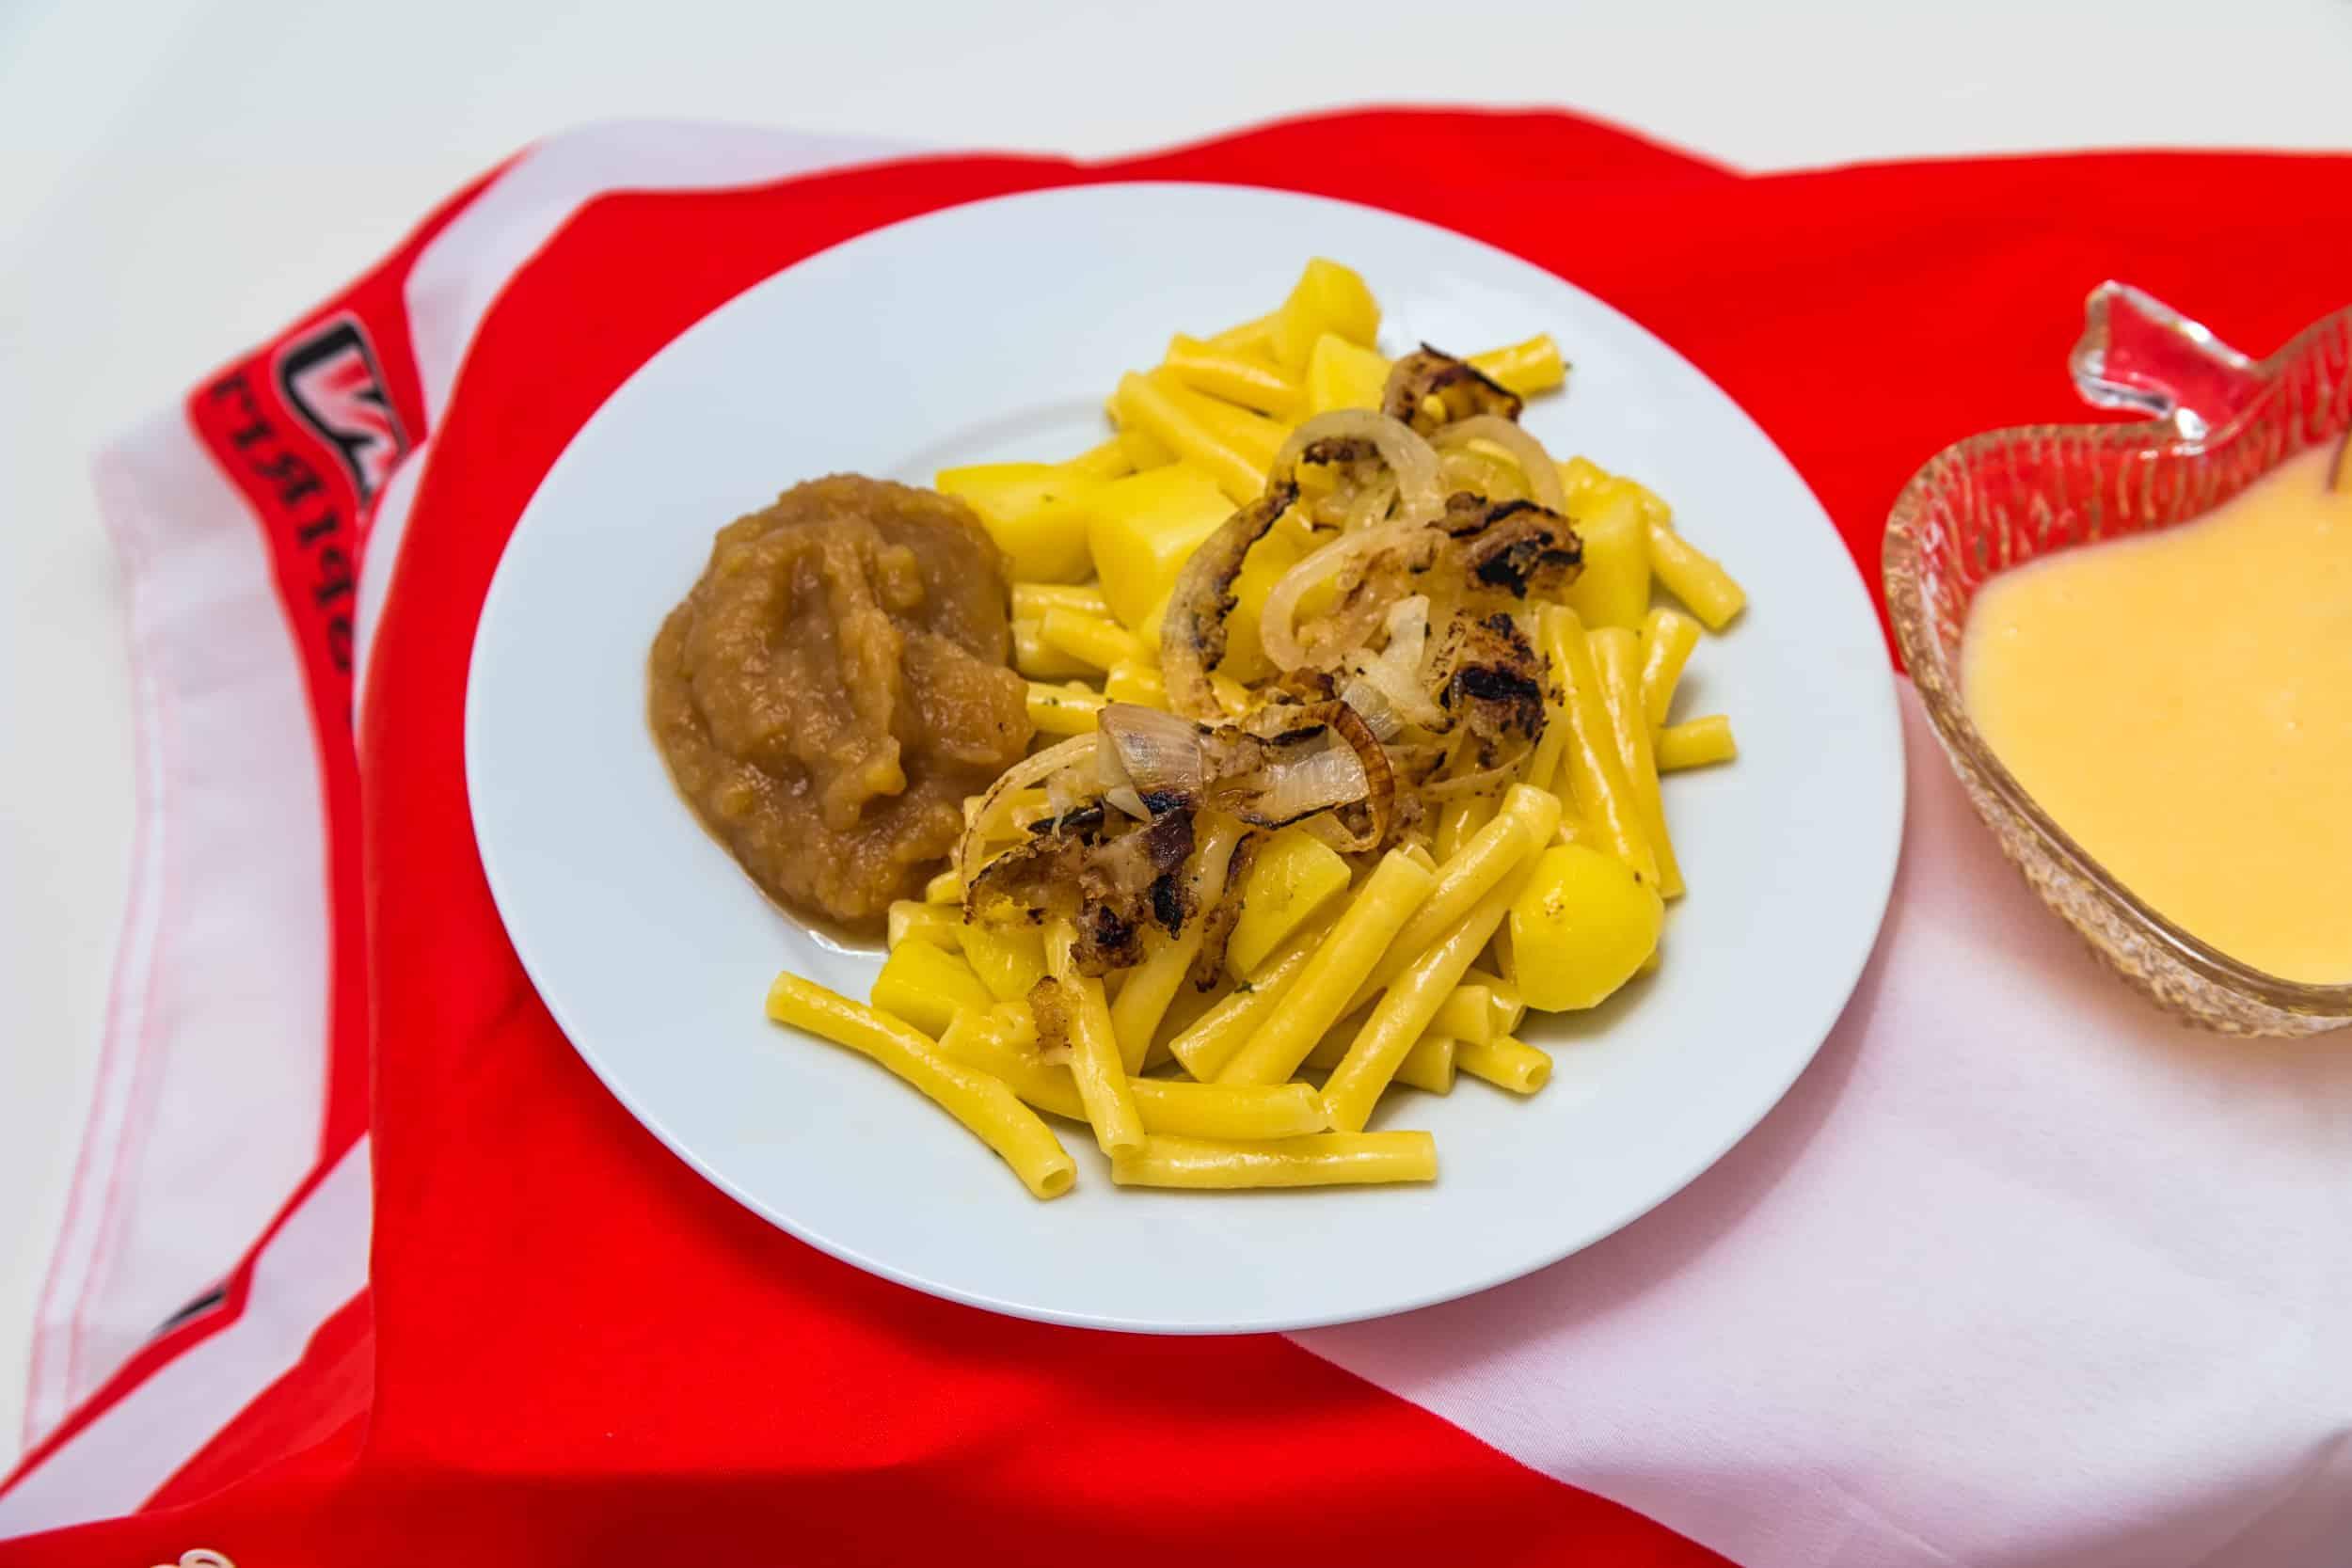 Das fertige Schweizer Älplermagronen mit Sauerkäse, Zwiebelschwitze und Apfelmus Rezept